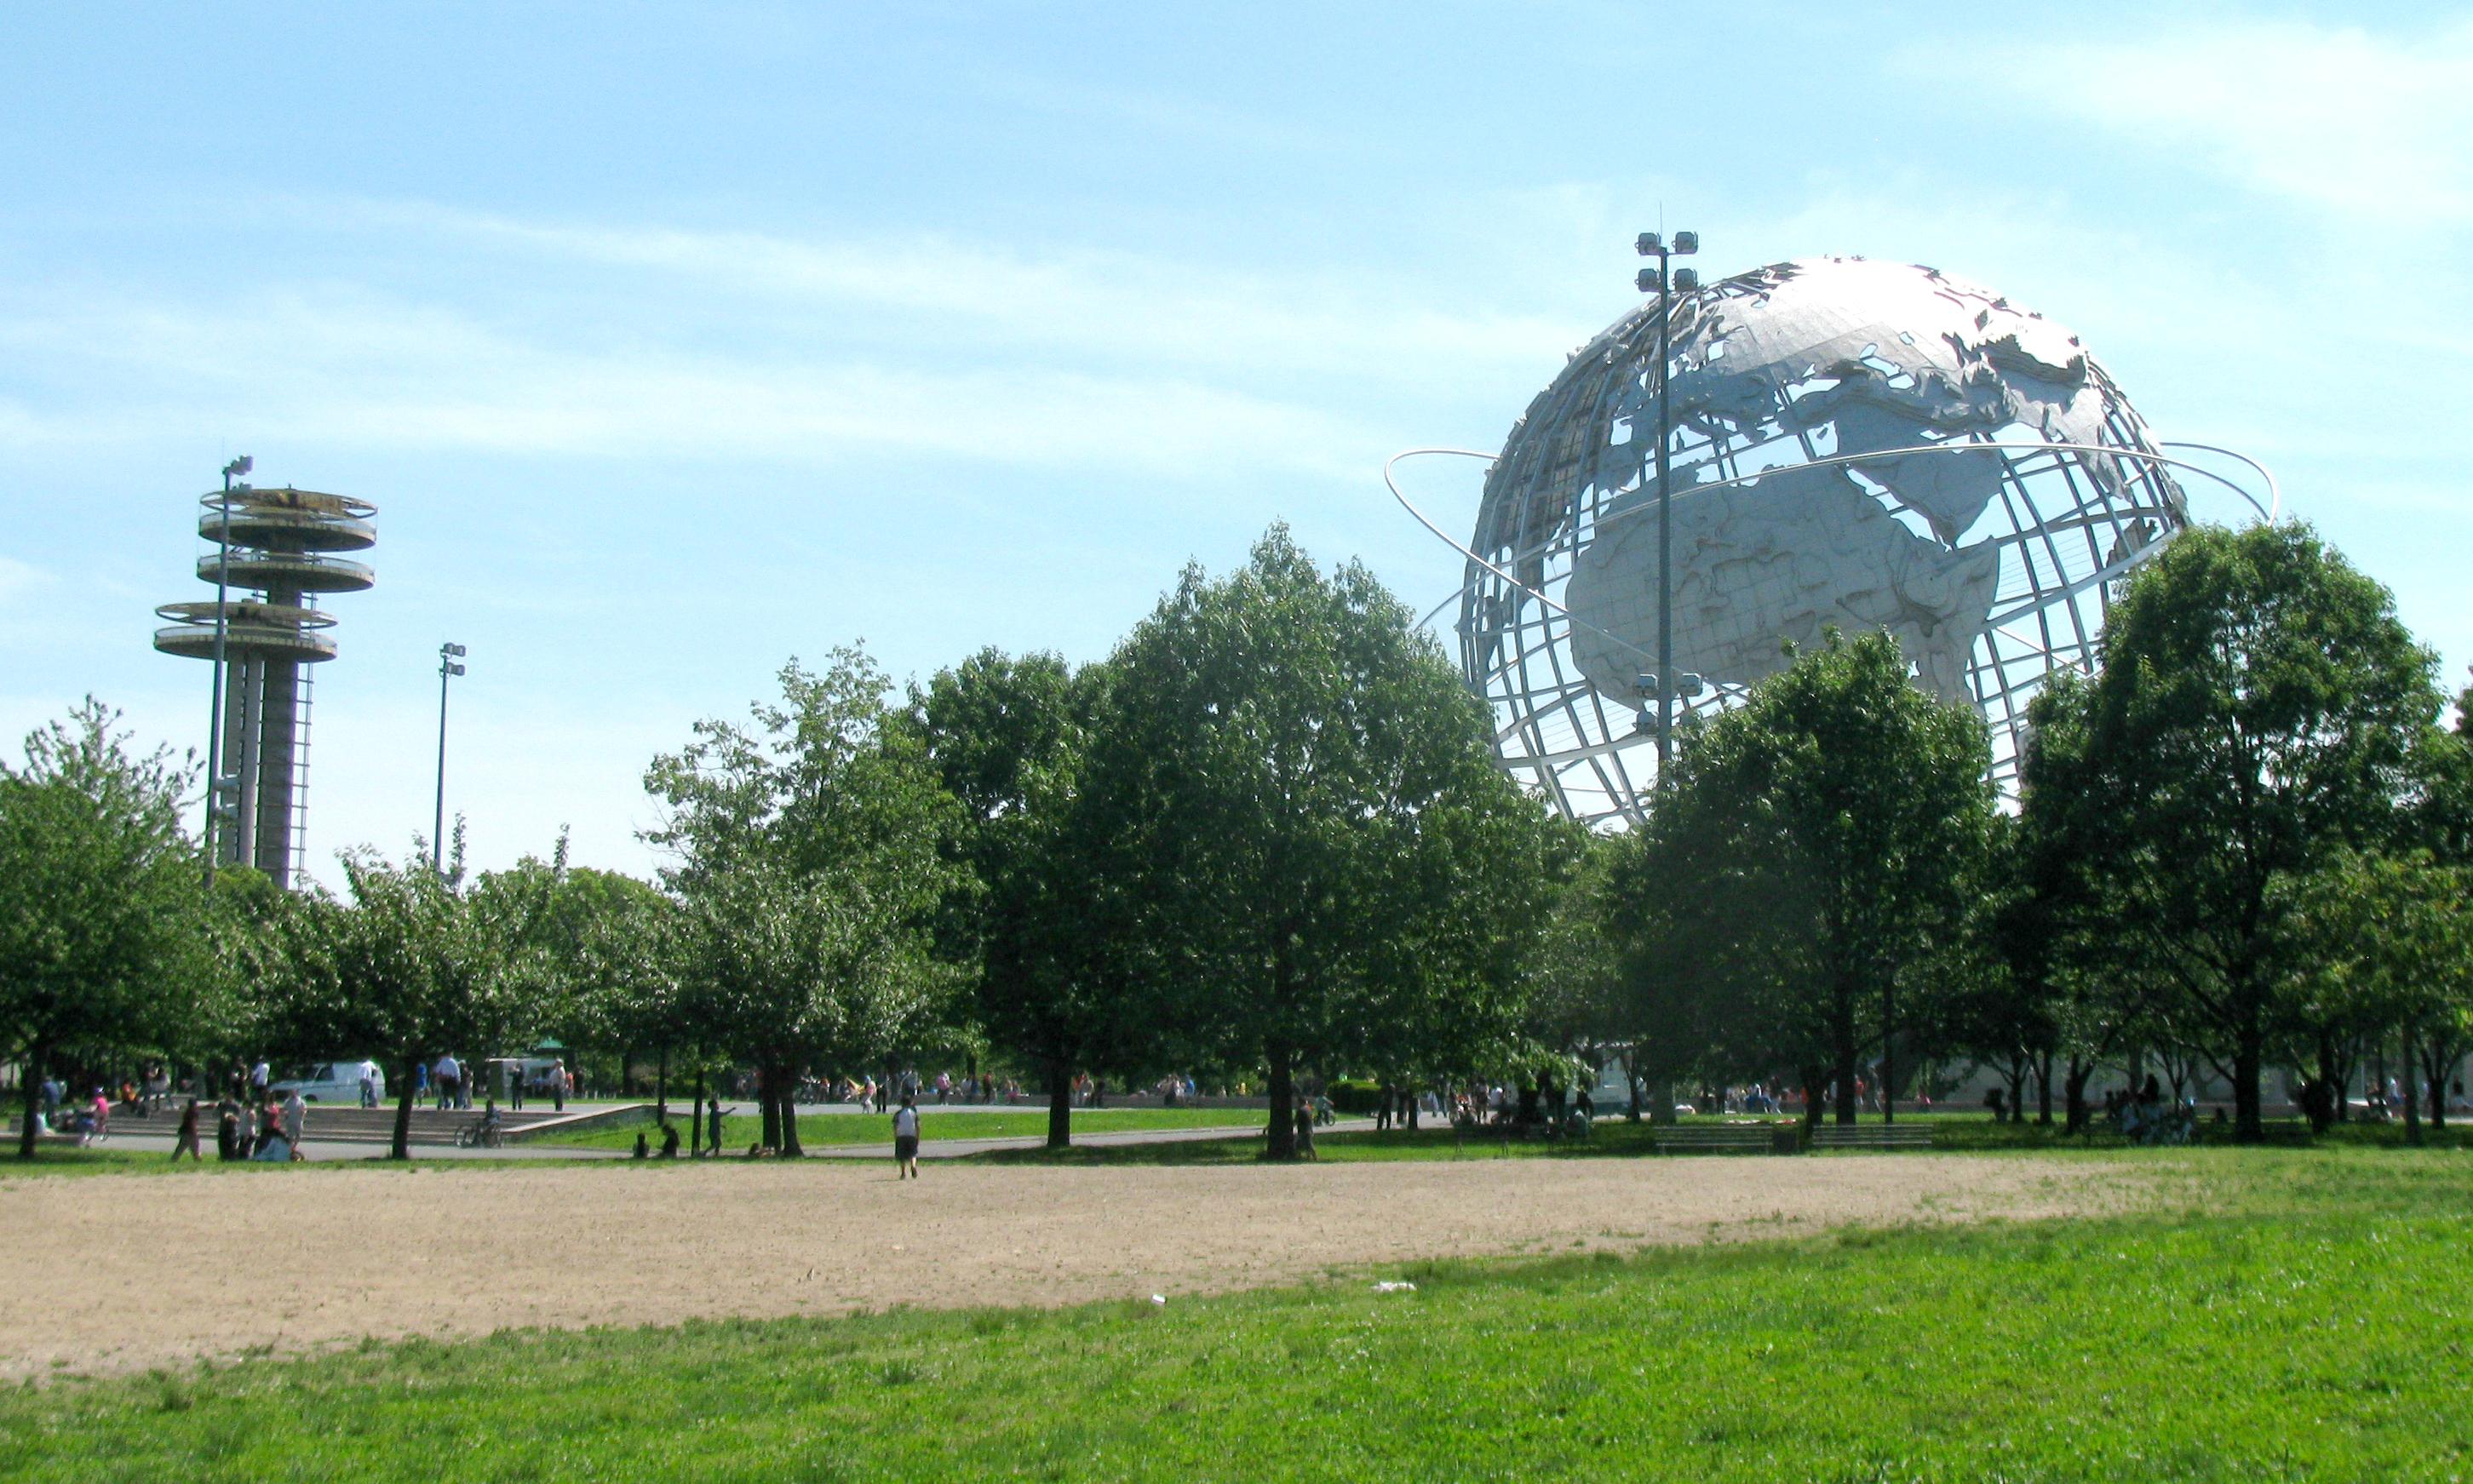 atracoes turisticas areas NYC EUA